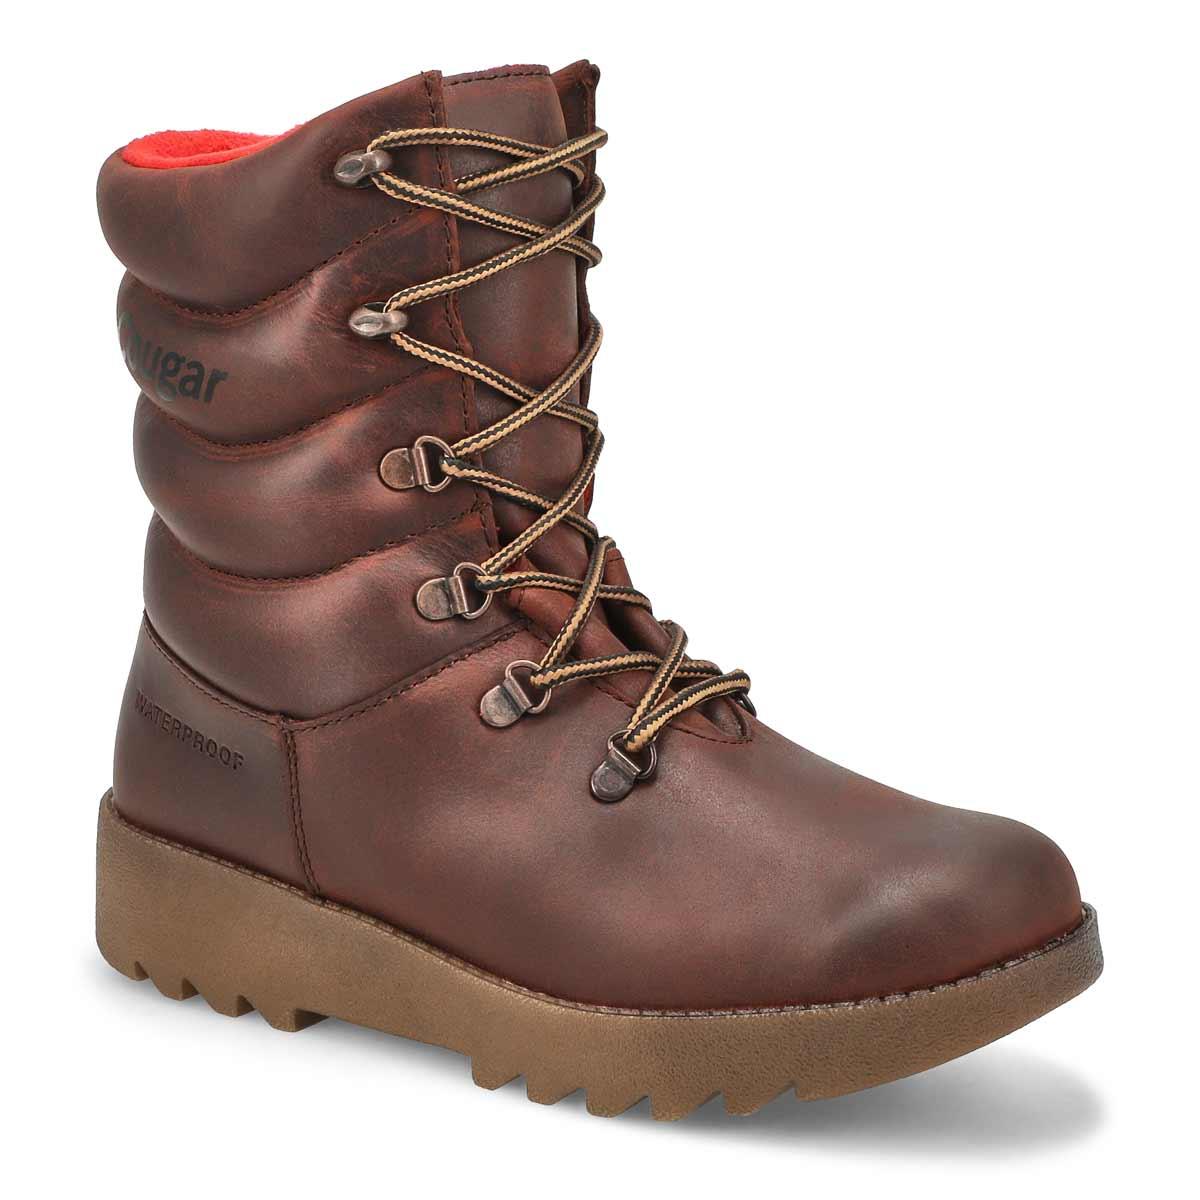 Women's 39068 ORIGINAL waterproof winter boots